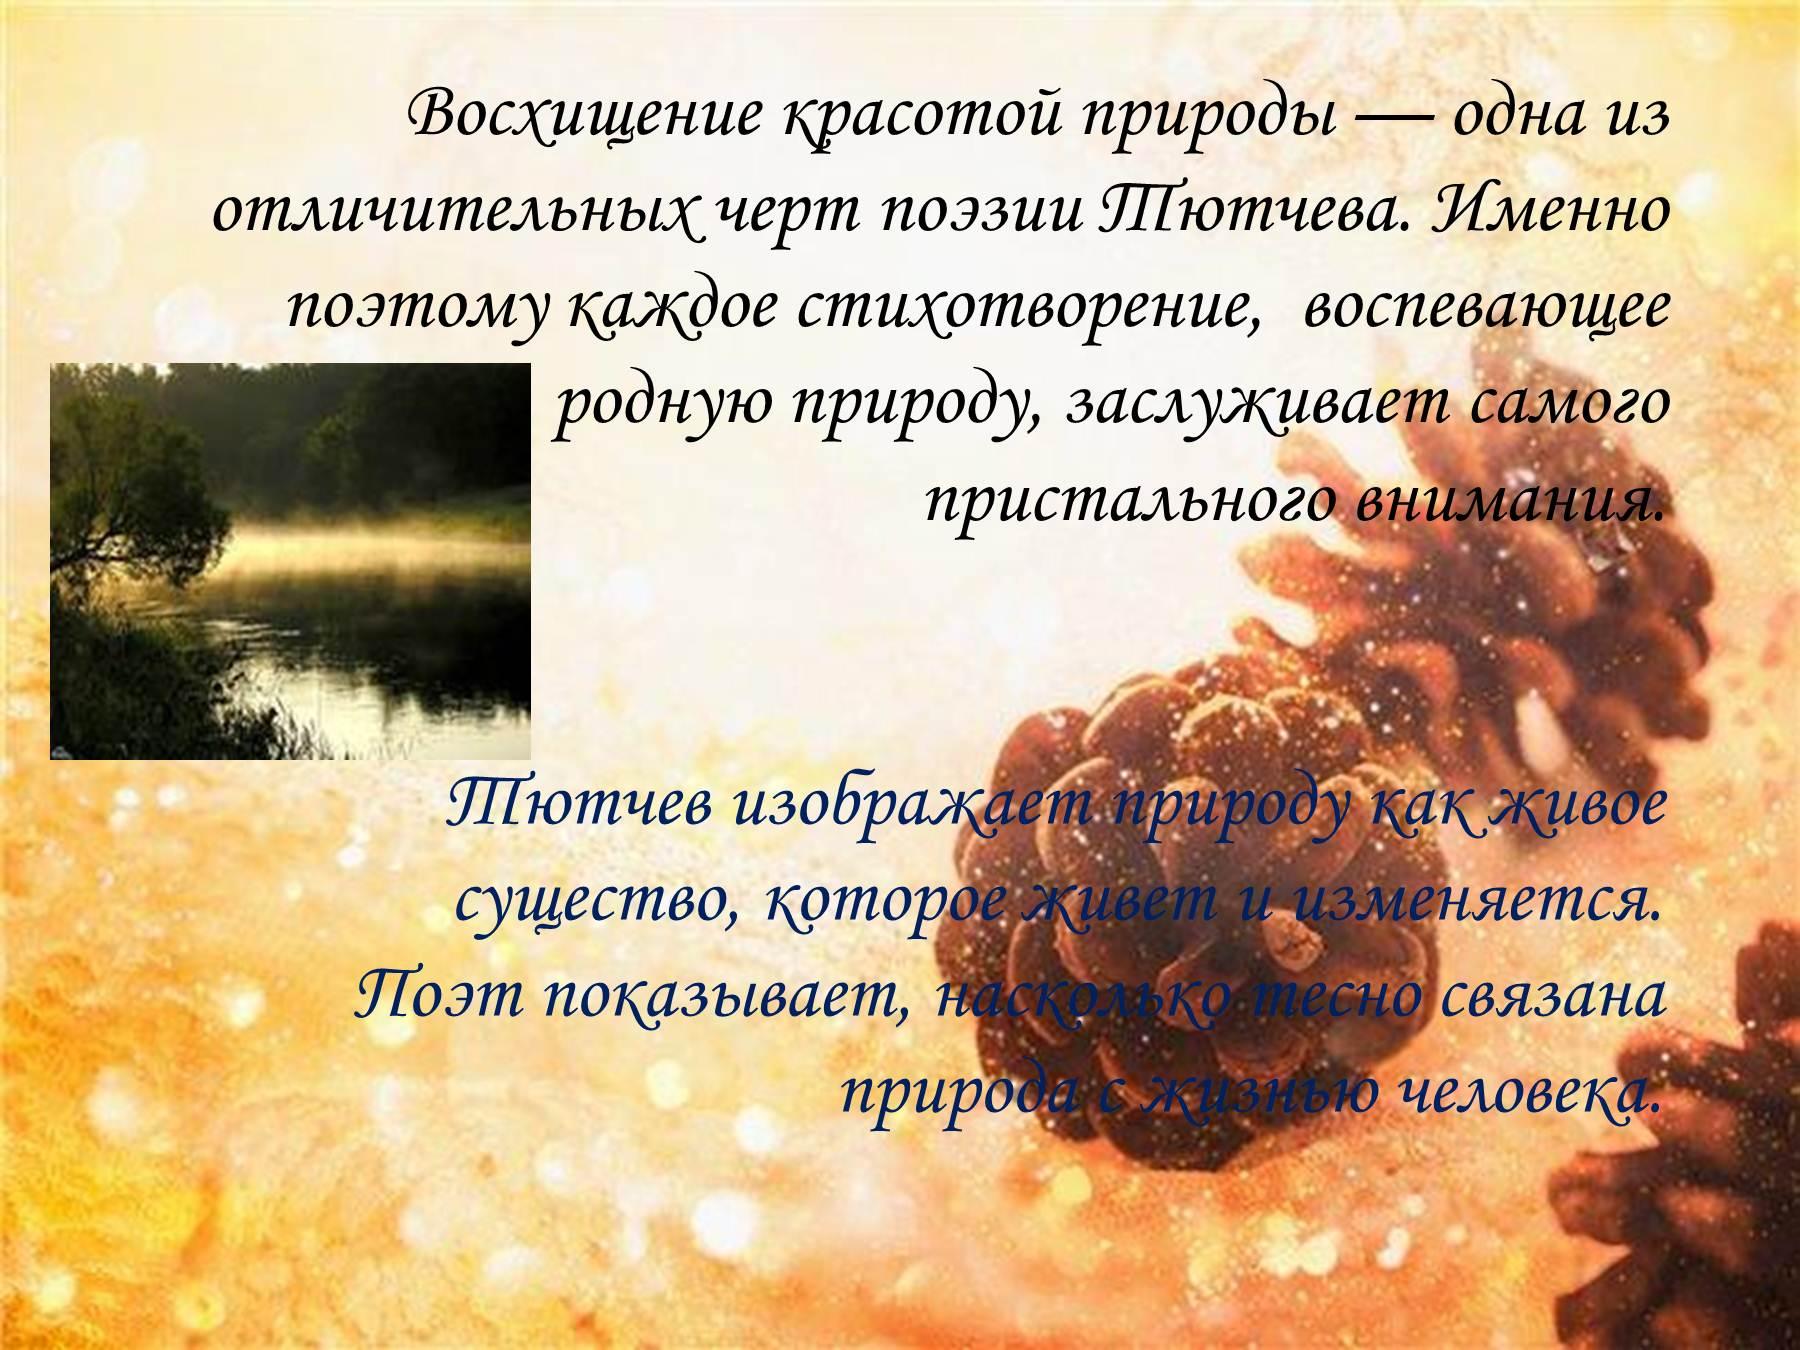 вас стихи на тему природа тютчев руке сати